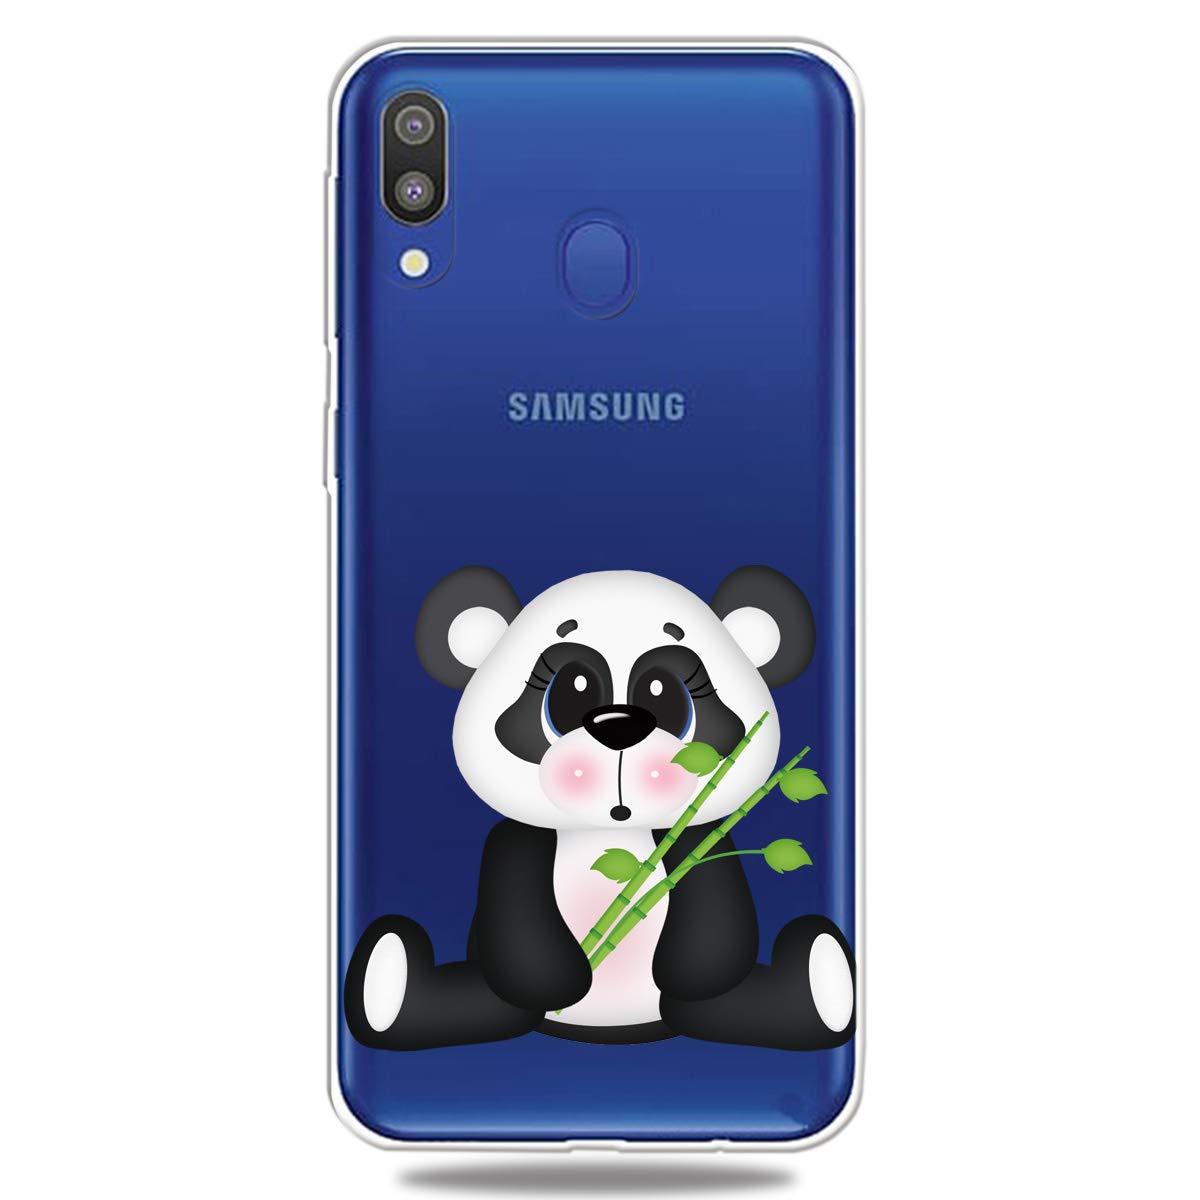 Mejores Carcasas Personalizadas Samsung Galaxy M20 SM-M205F